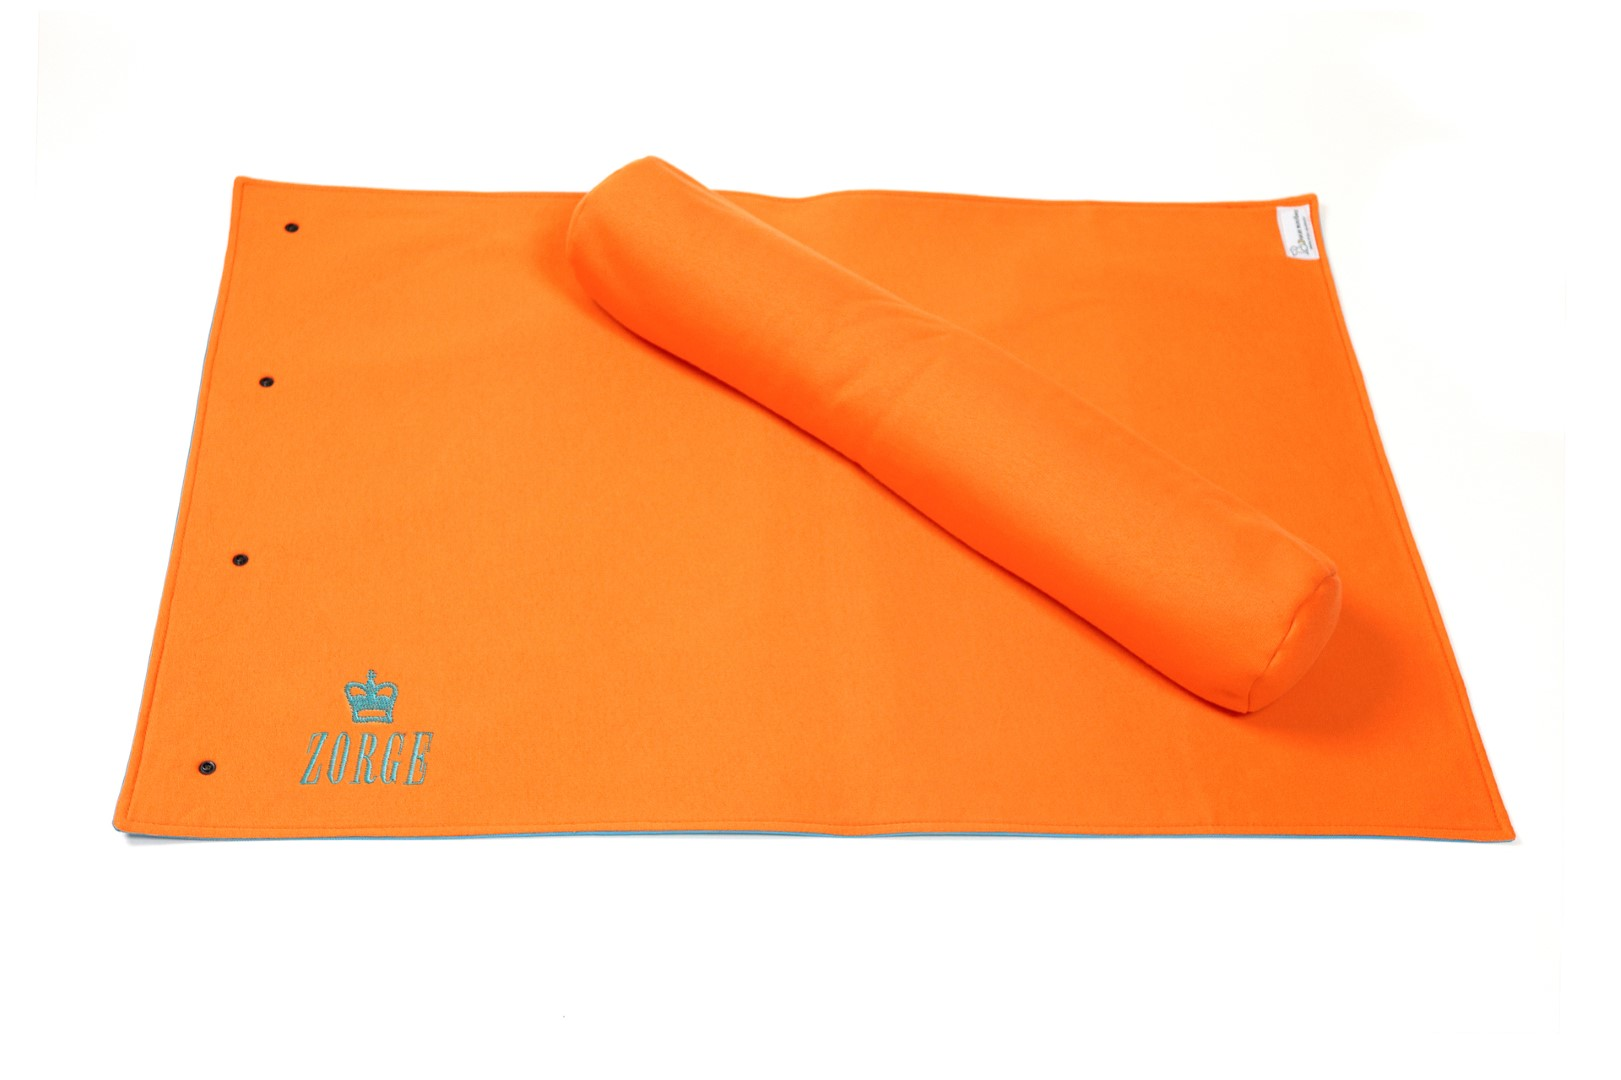 prekrivač za kauč s odvojenim jastukom